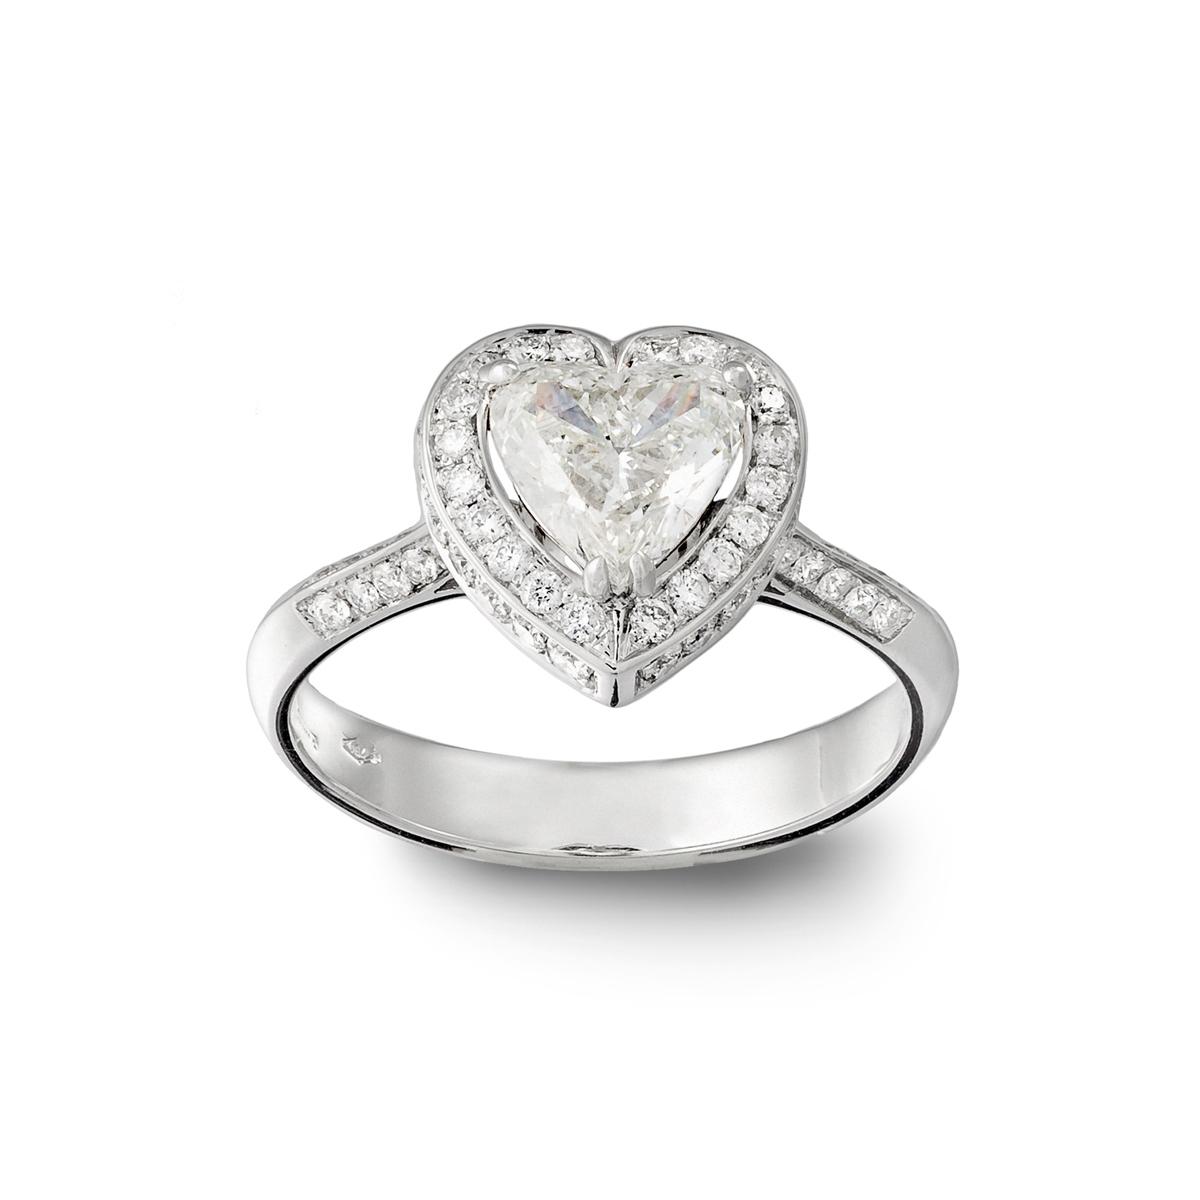 rivenditore online autentico sconto Anelli solitari in oro bianco con diamanti > Anello Solitario, Oro ...